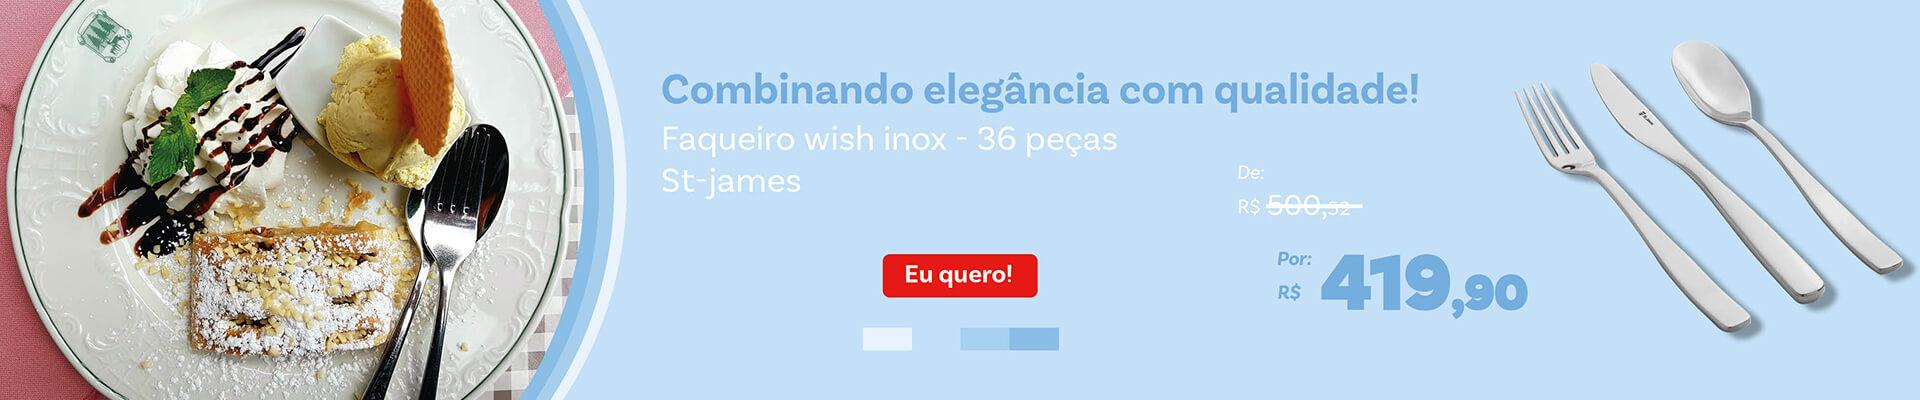 Faqueiro Wish Inox